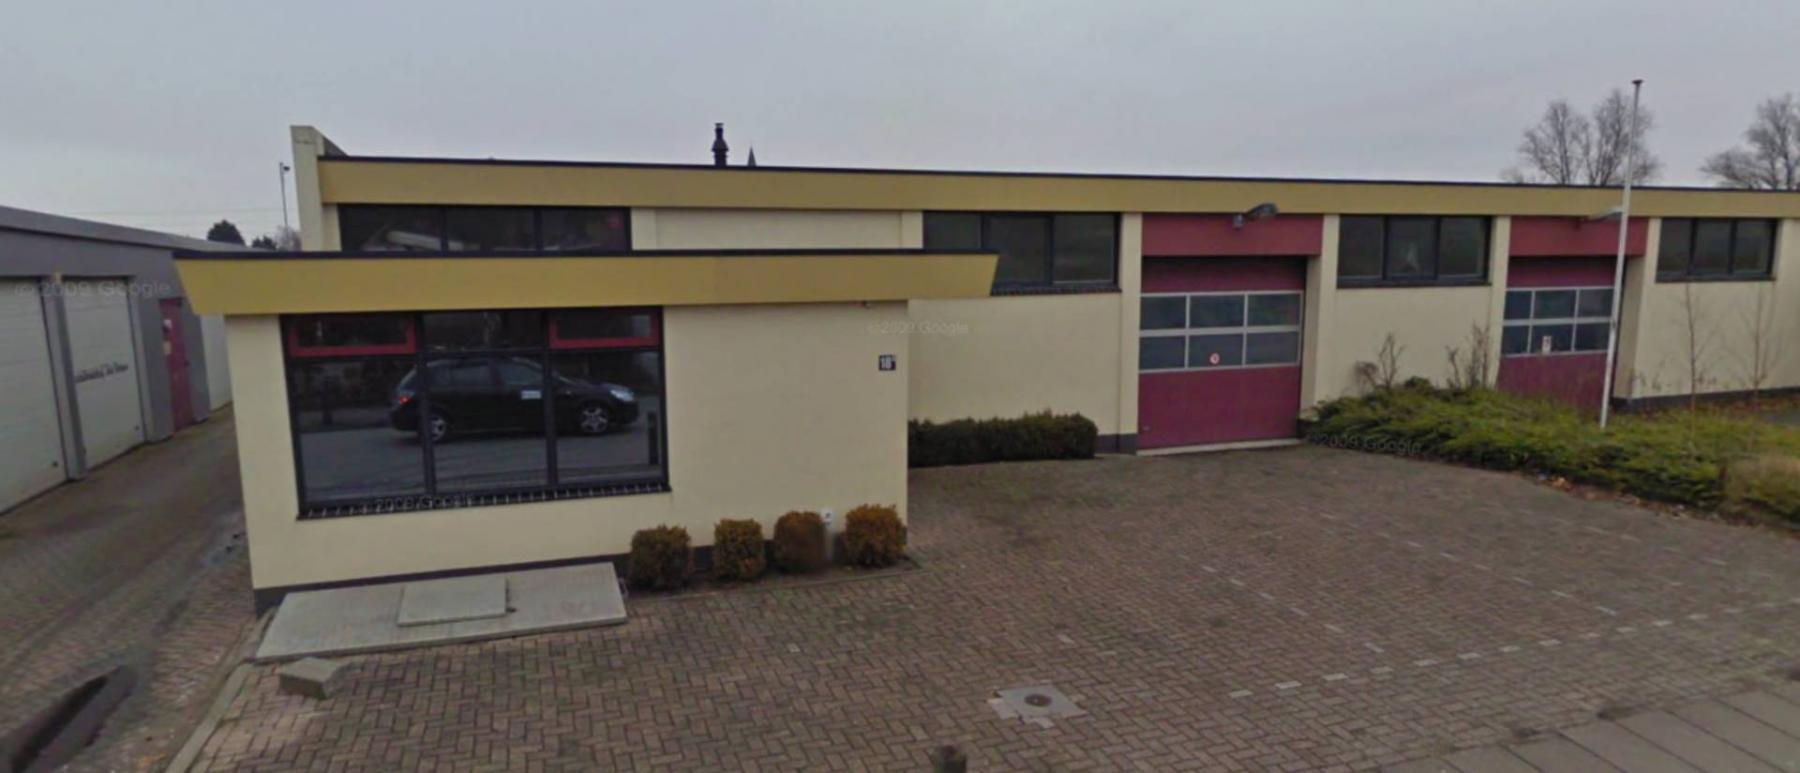 Industrieweg 18A - Grootebroek